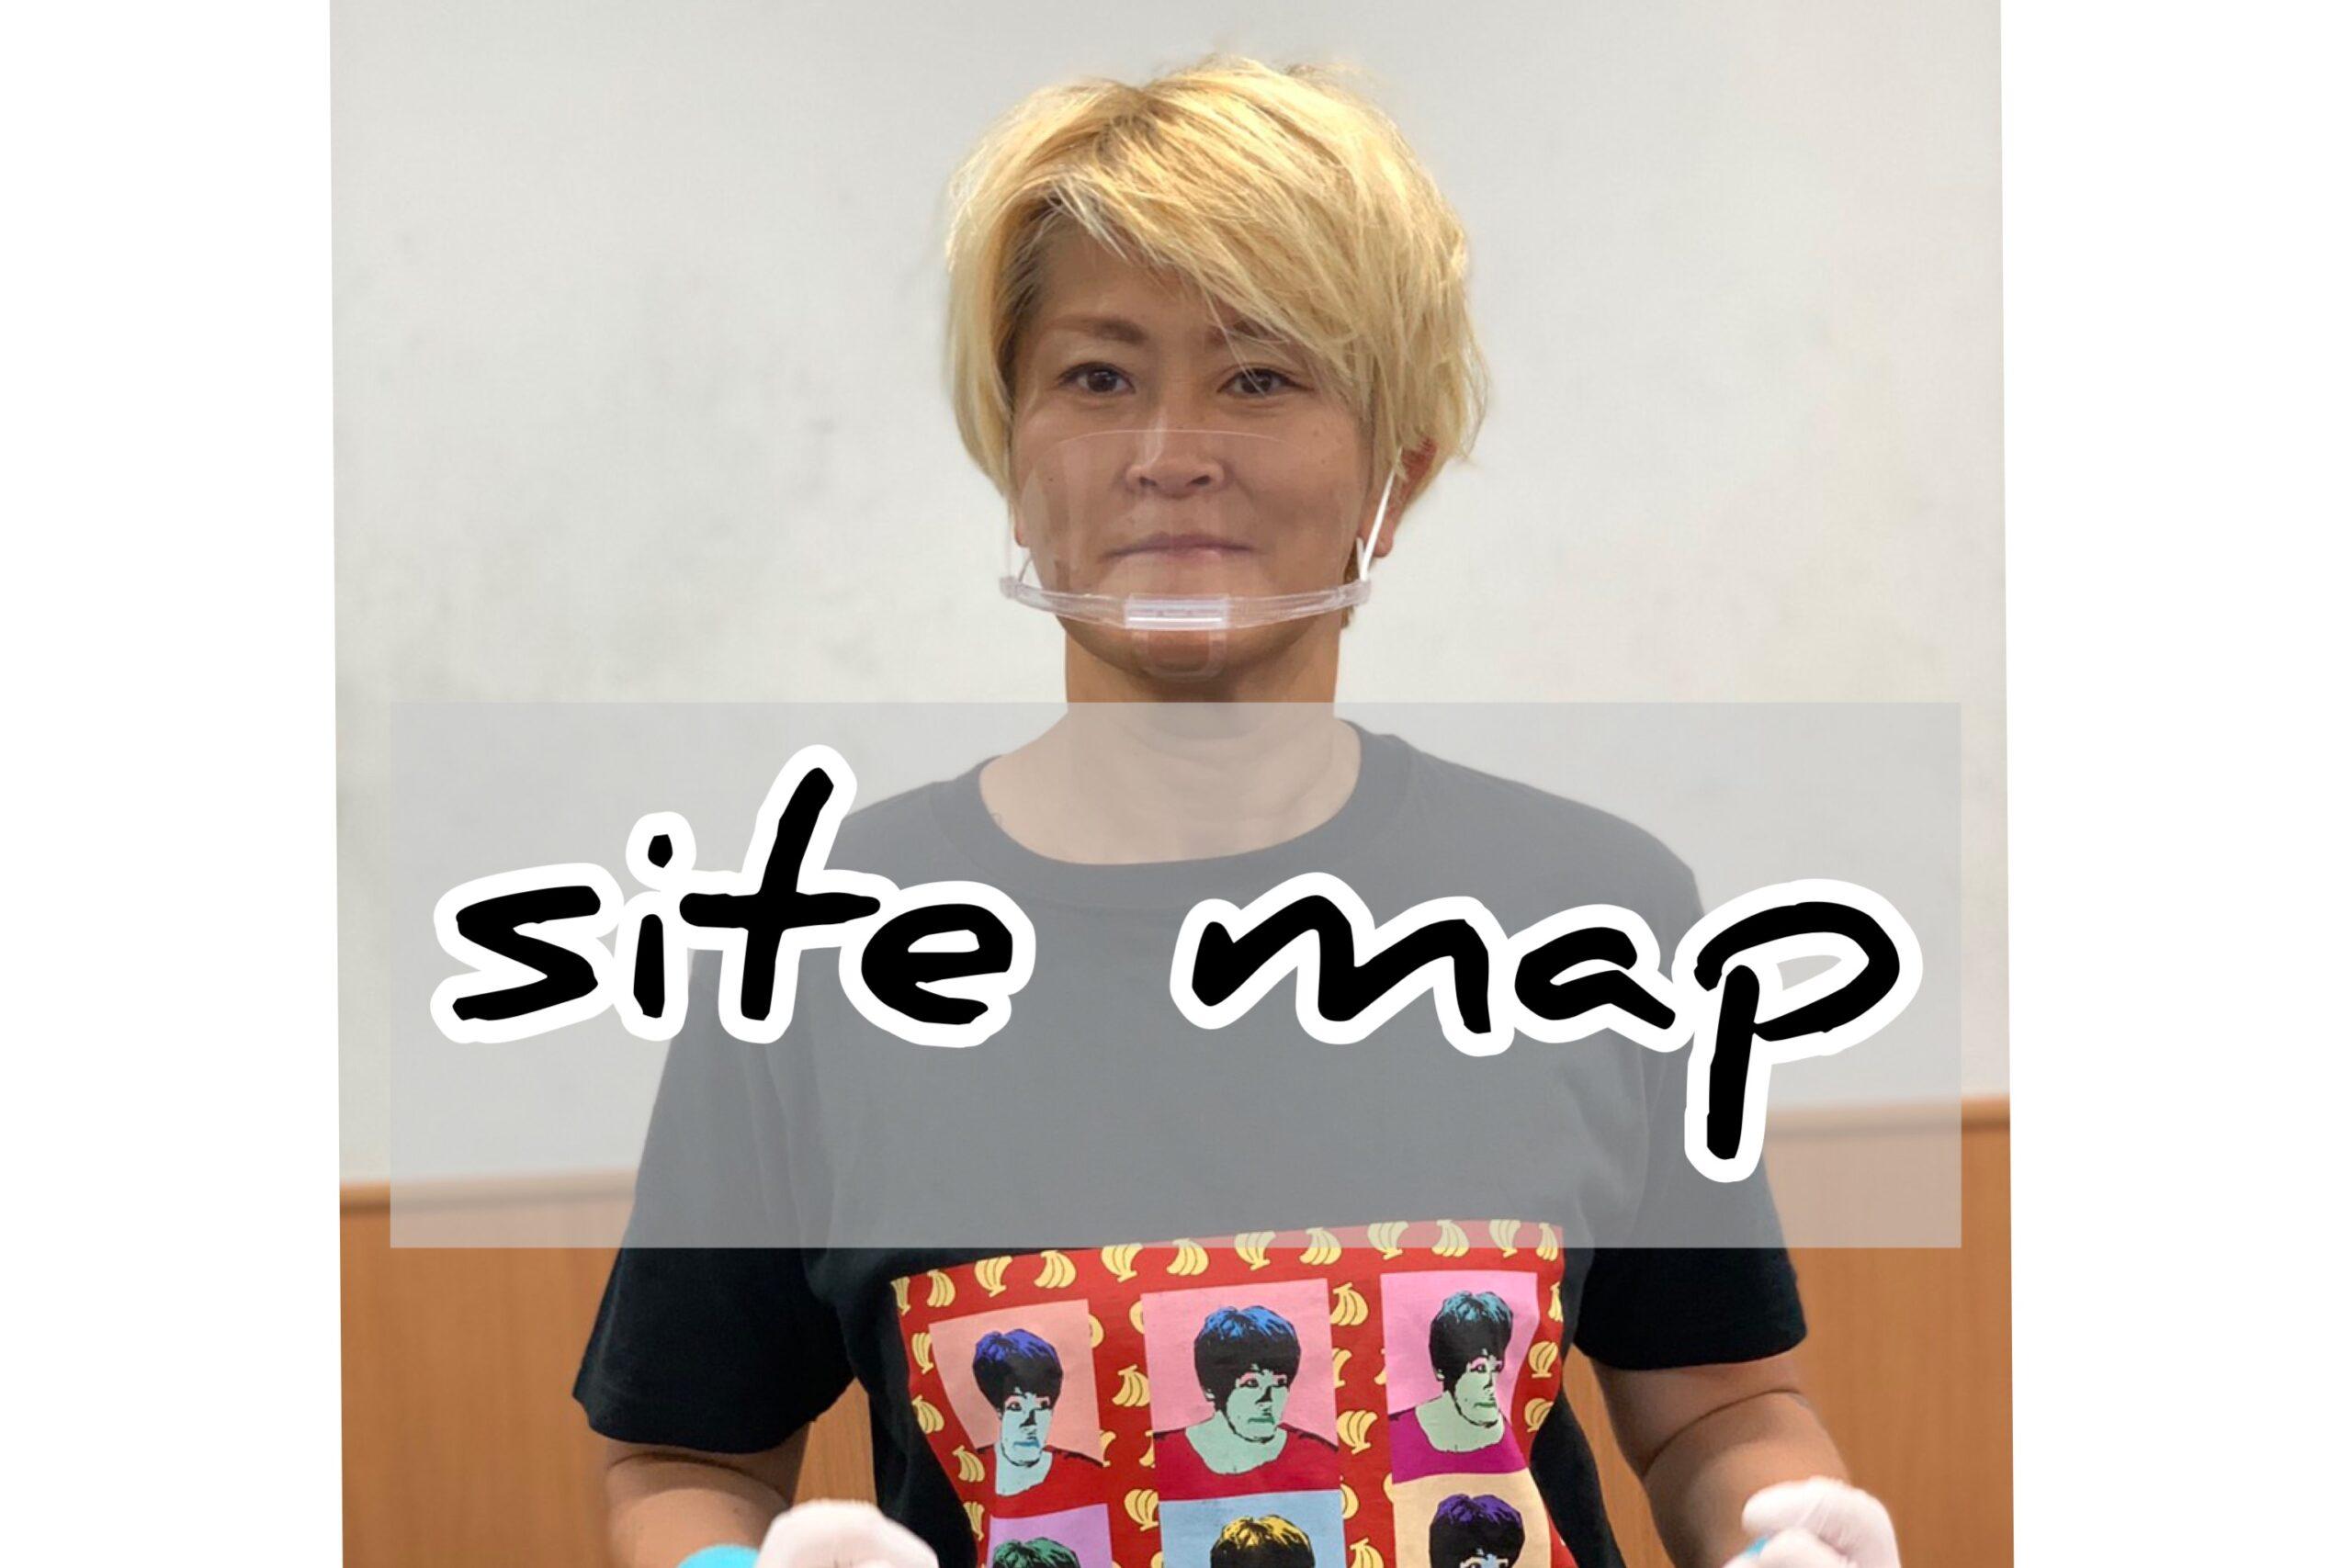 レフェリー伊東ブログのサイトマップ画像